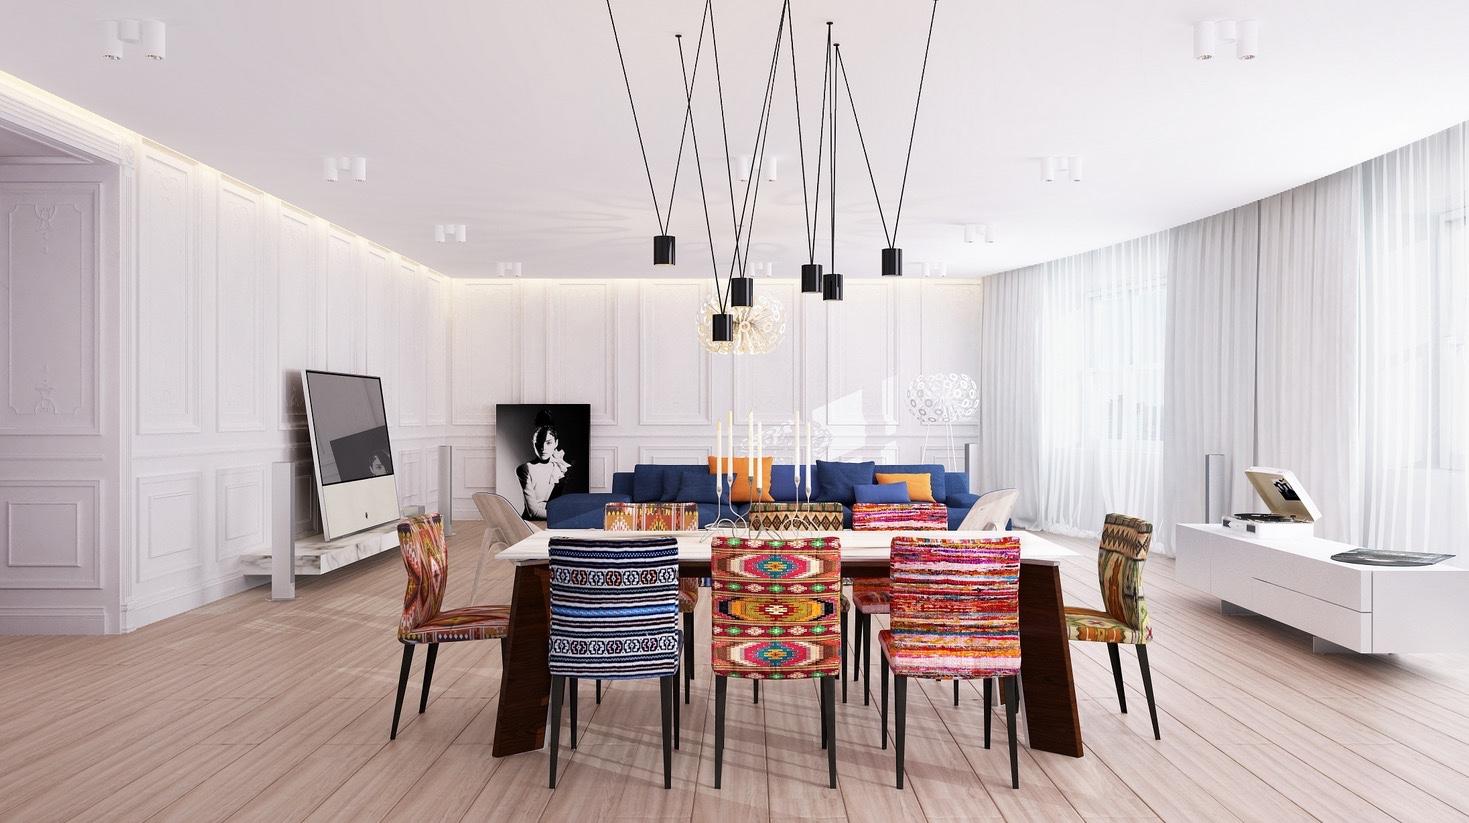 20 modern dining rooms for inspiration. Black Bedroom Furniture Sets. Home Design Ideas